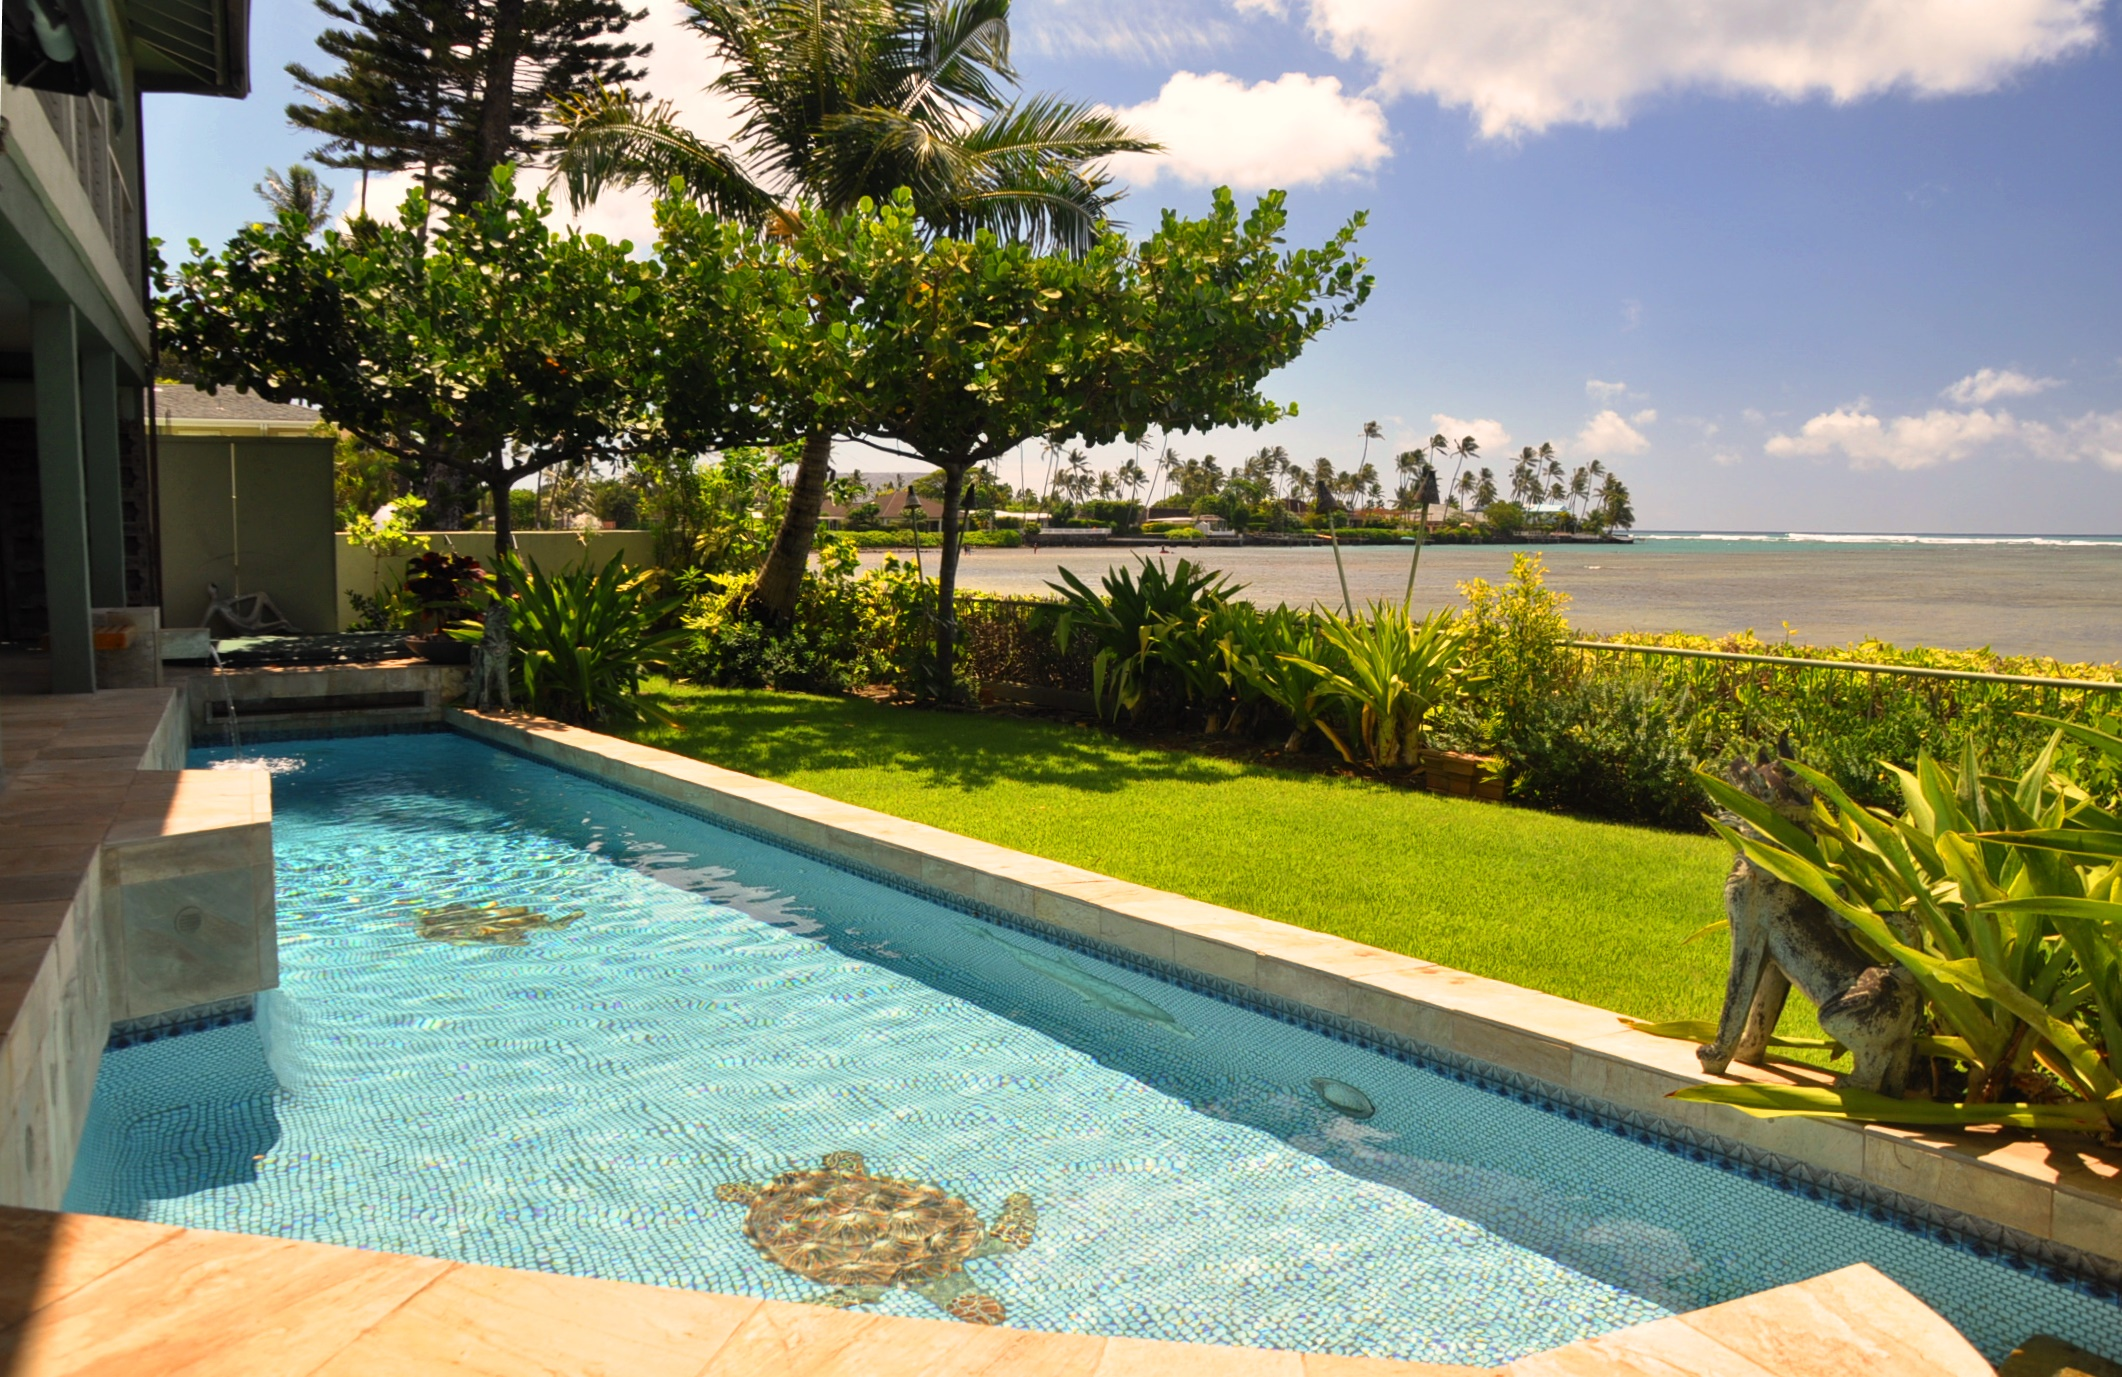 단독 가정 주택 용 매매 에 Beachfront Estate 5005 Kalanianaole Hwy Honolulu, 하와이 96821 미국